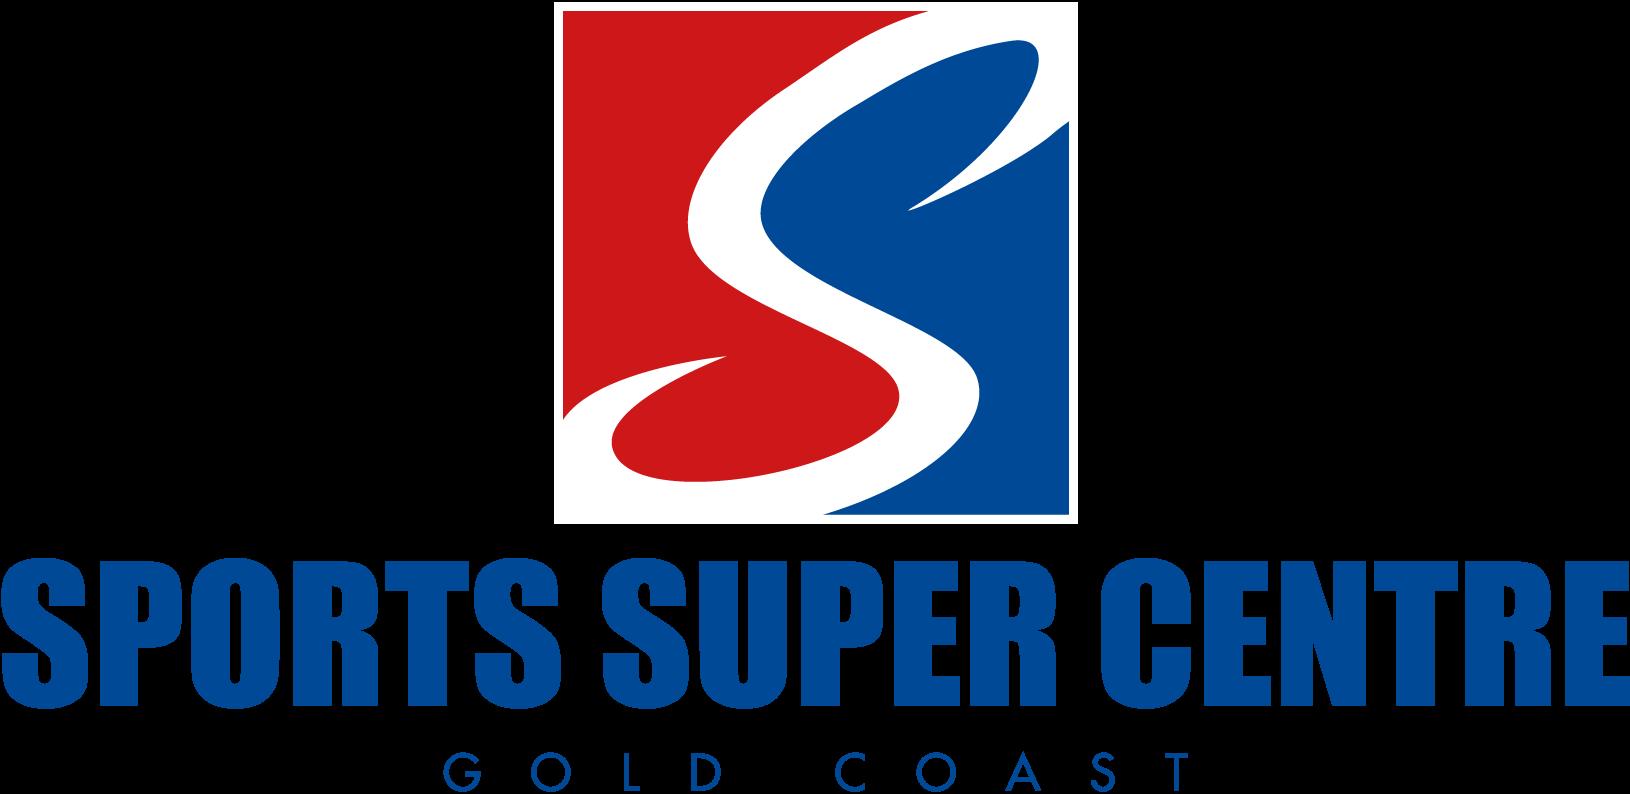 Sports Super Centre